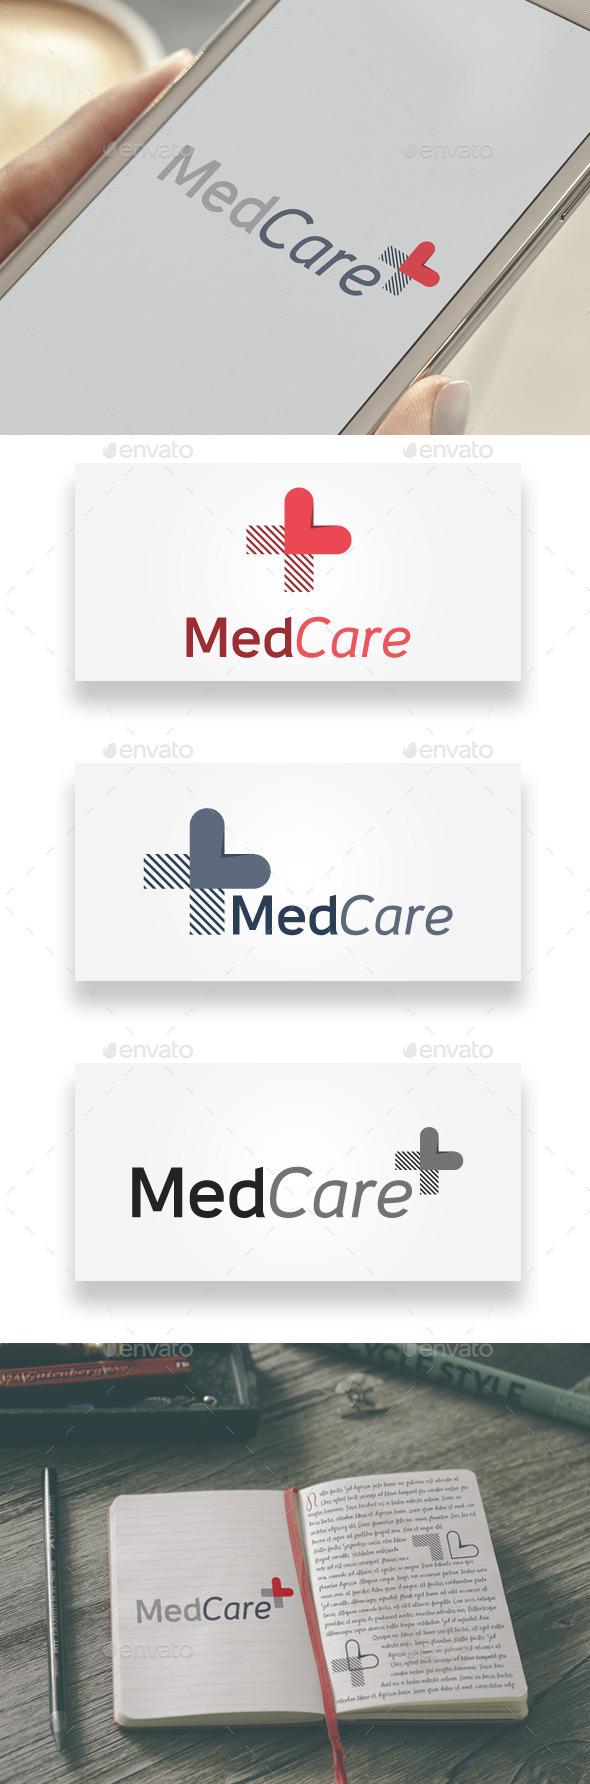 MedCare Logo - Abstract Logo Templates